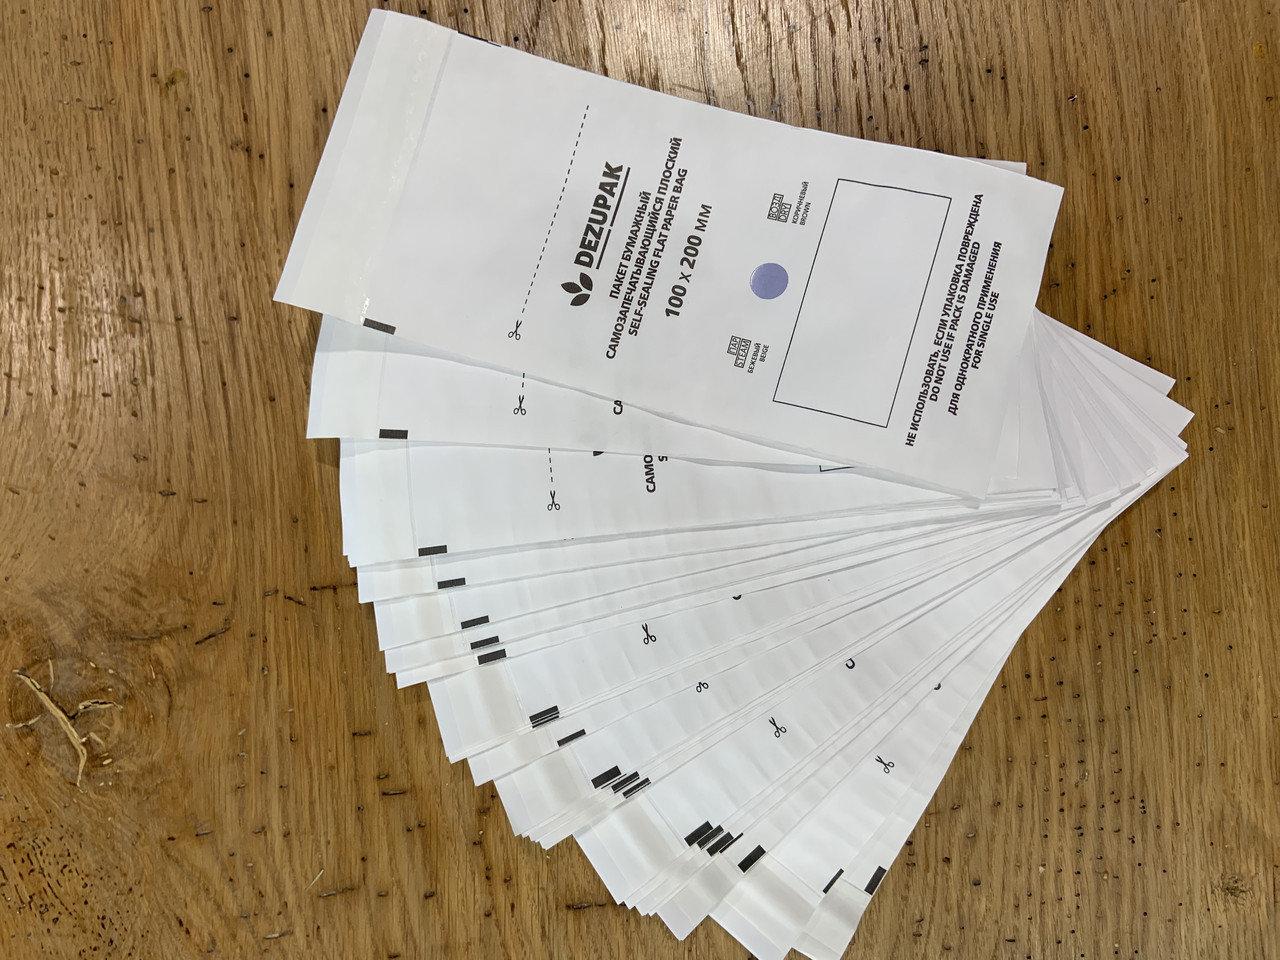 крафт-пакеты для стерилизации маникюрных инструментов